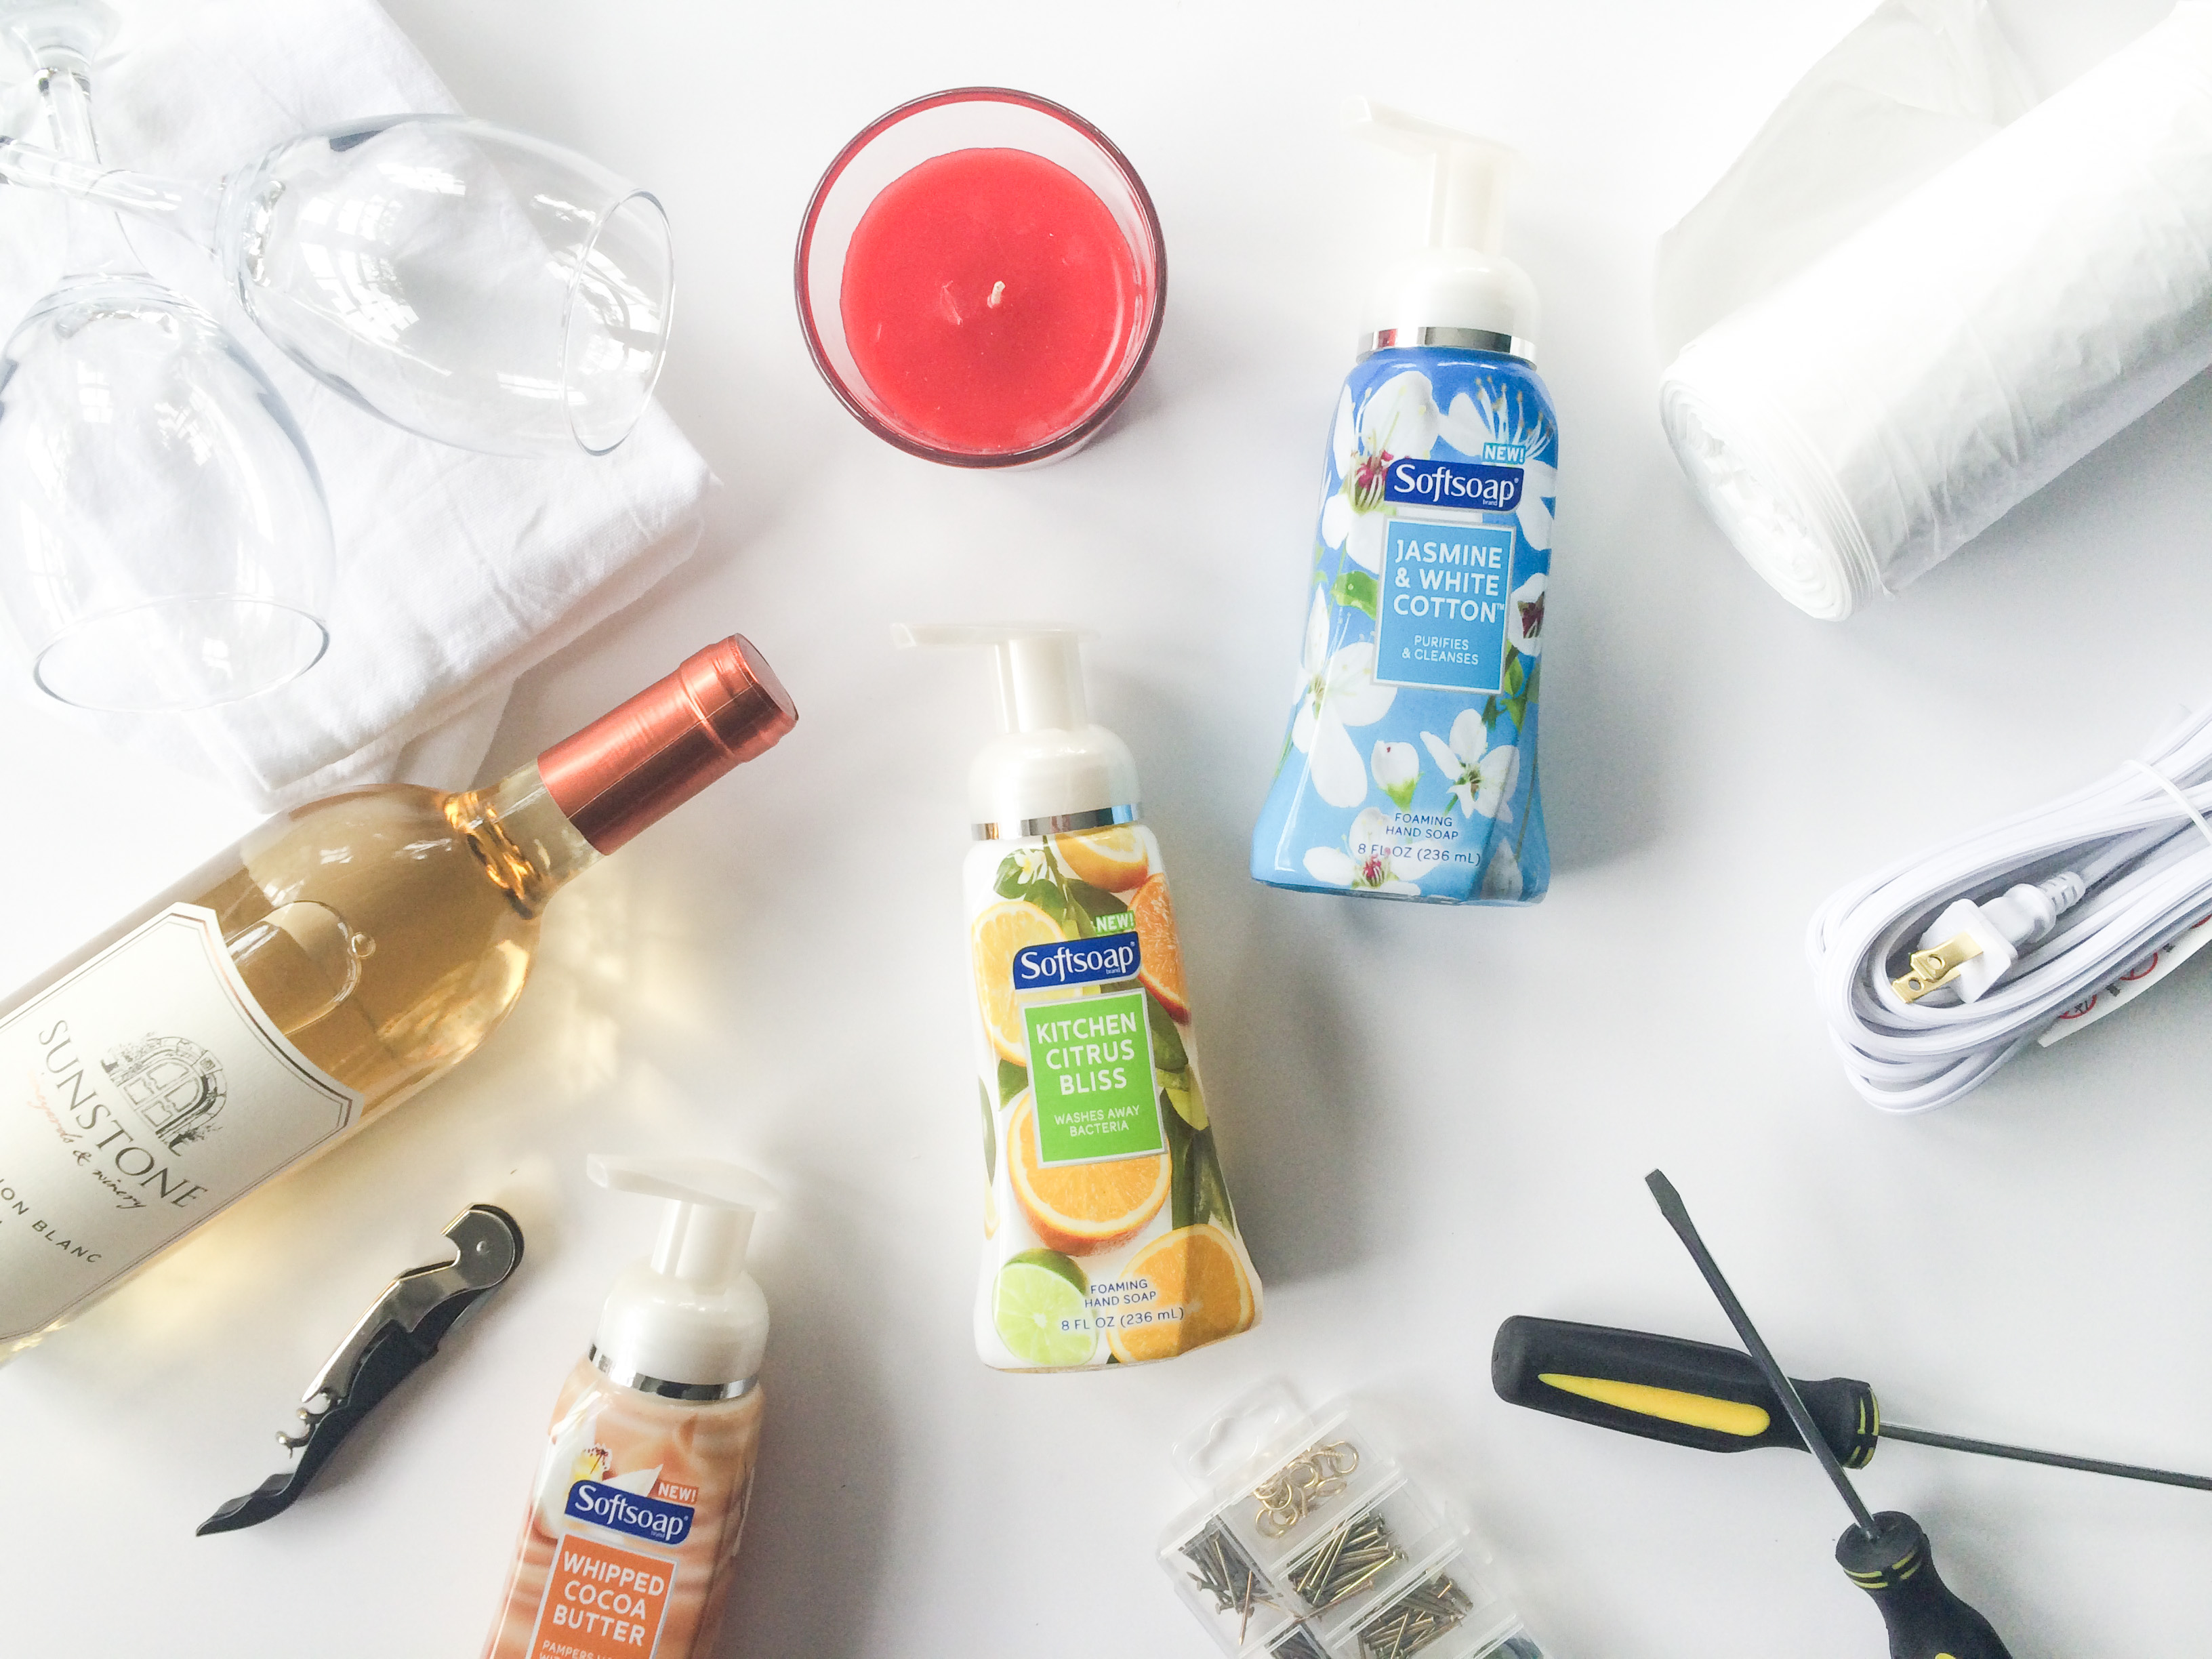 Moving Day Housewarming Gift Basket DIY - Legal Miss Sunshine